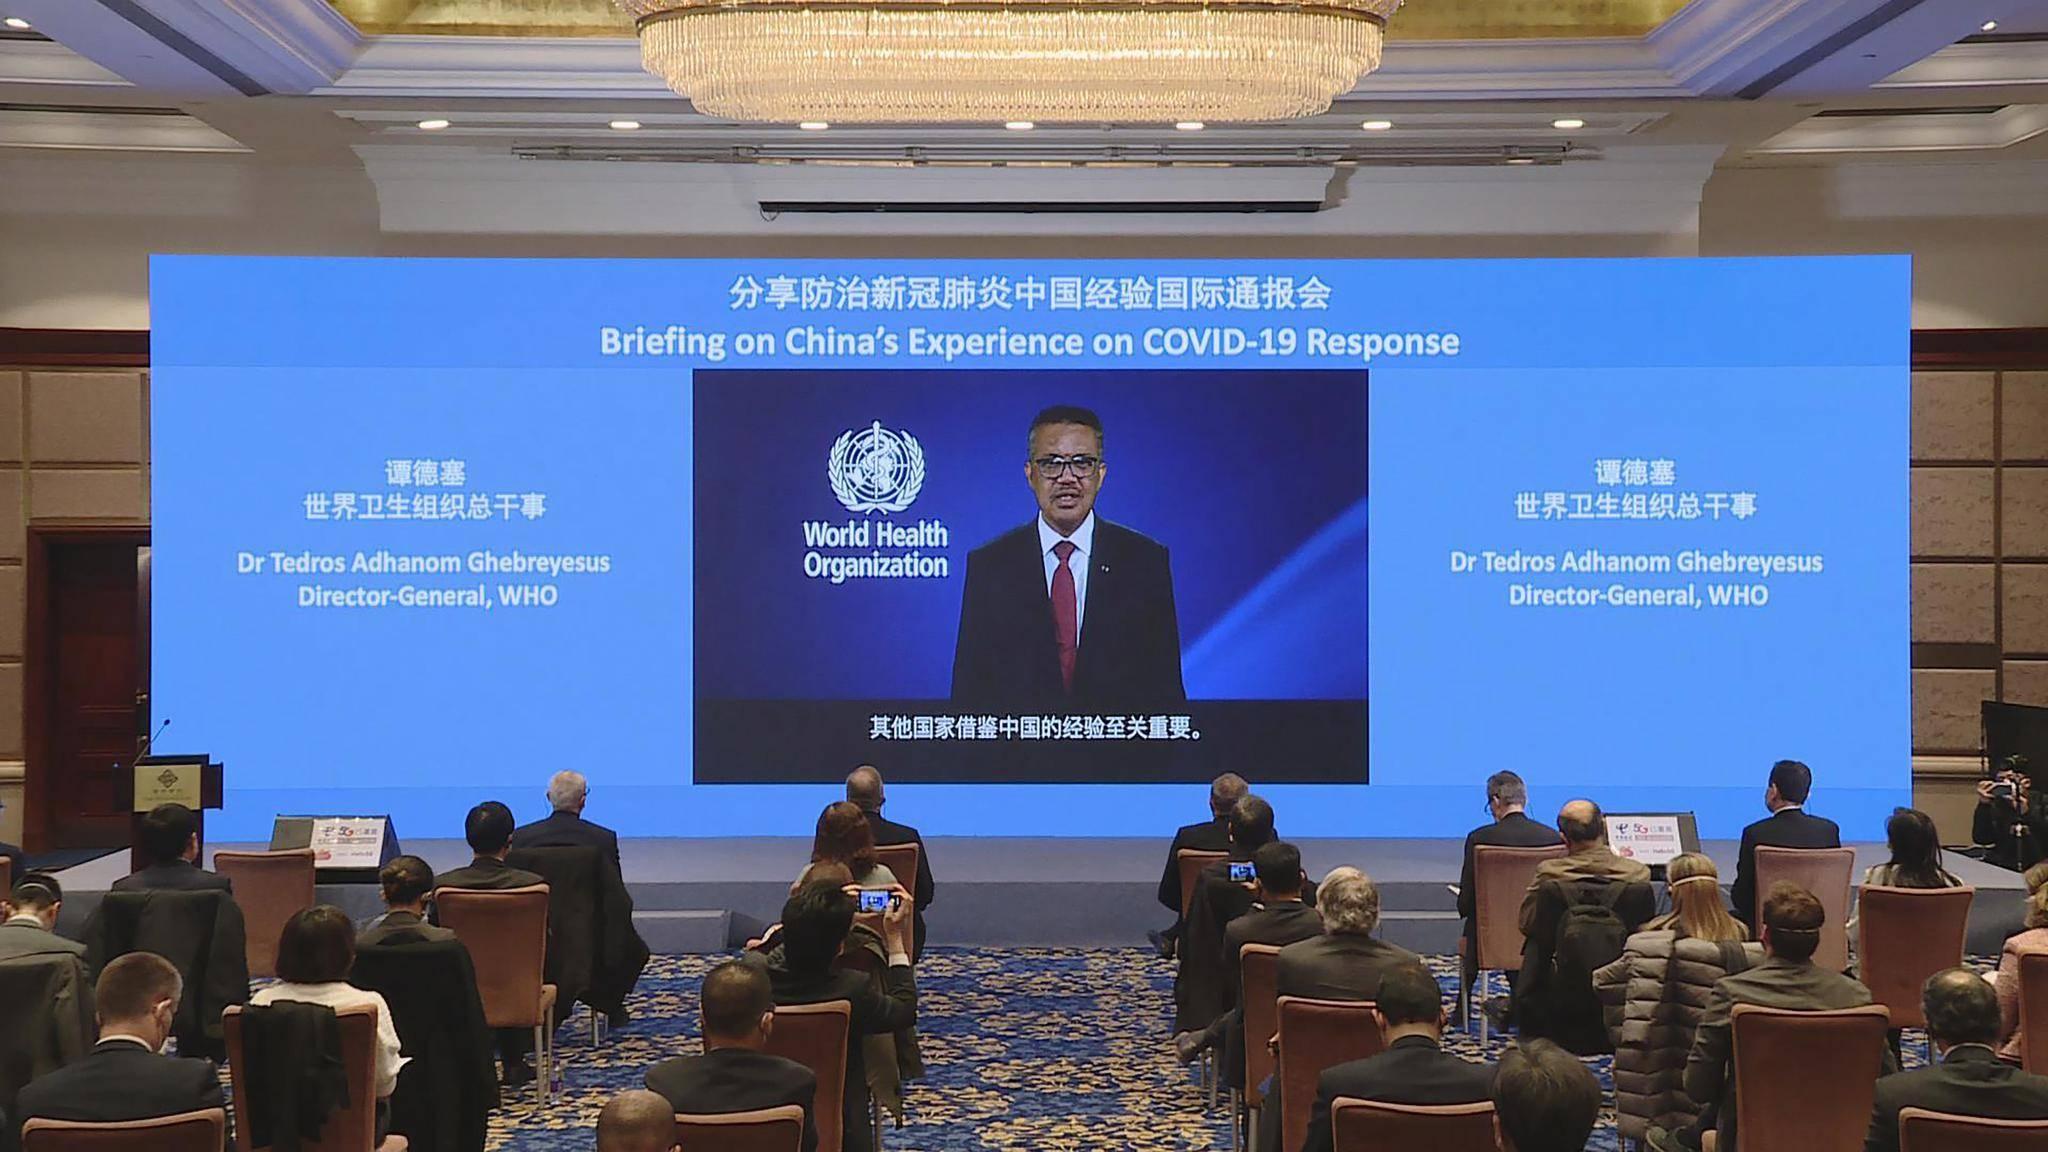 中国国际新闻传媒网:5月2日中国以外主要国家和地区疫情综述